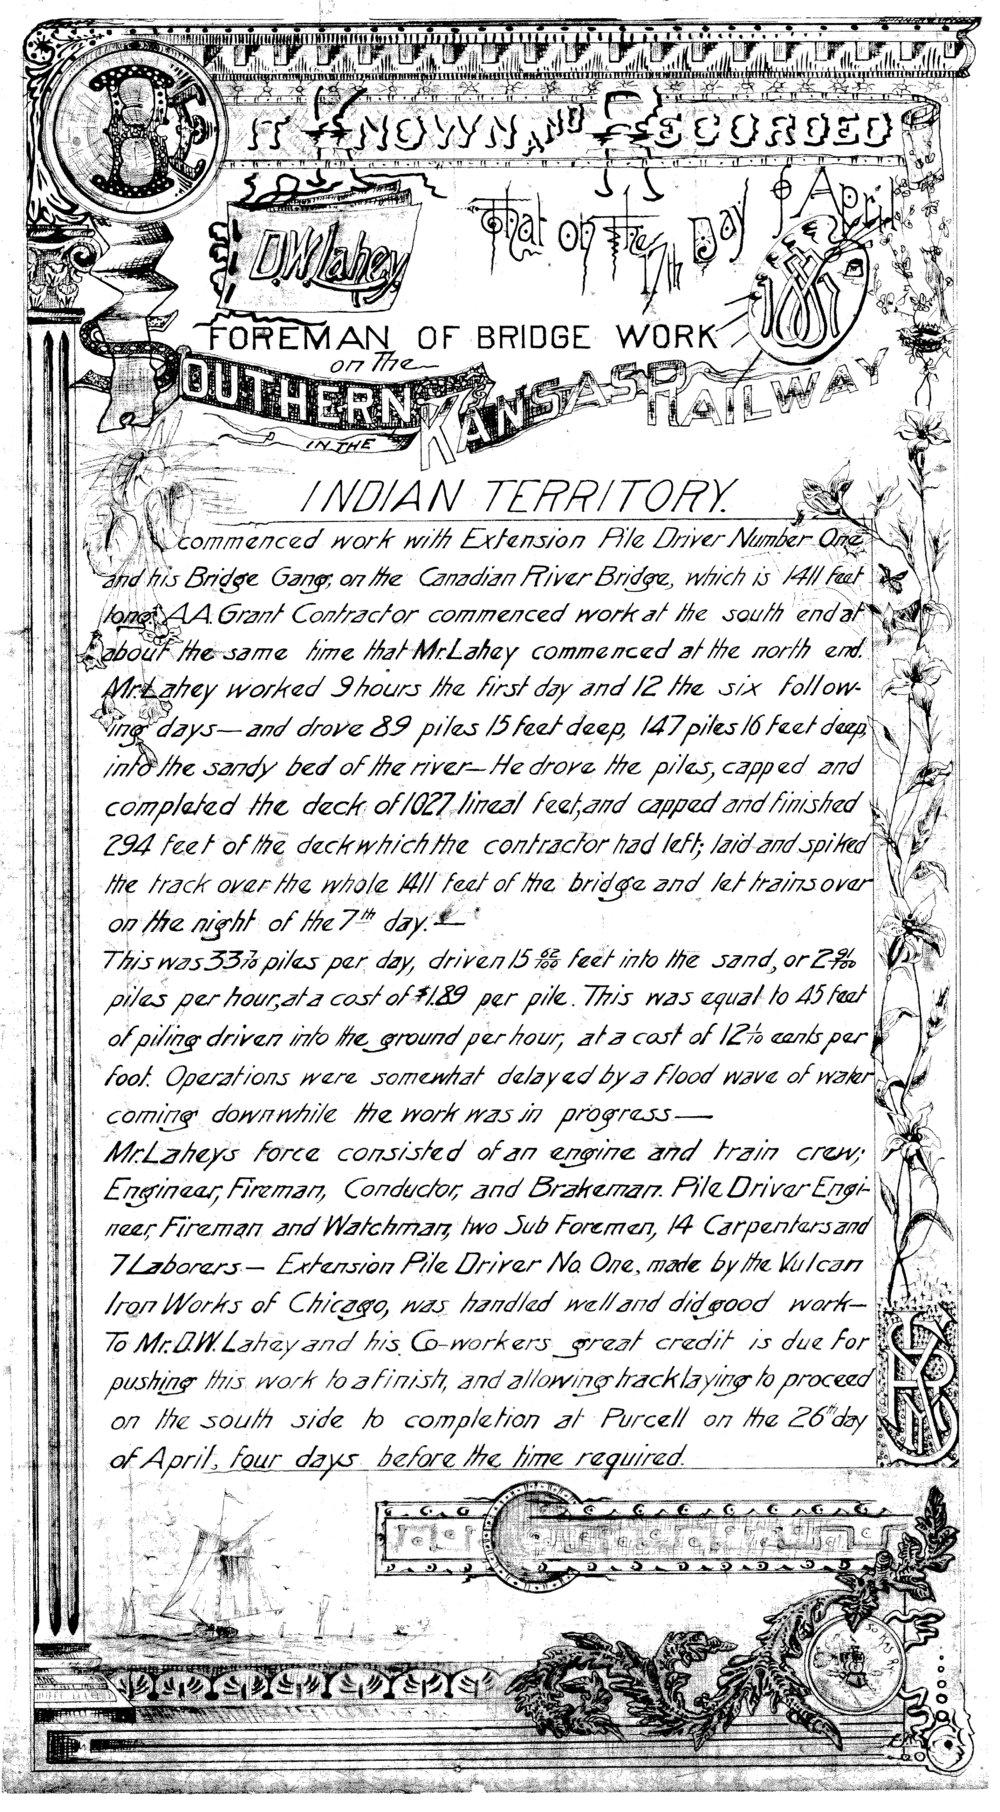 South Canadian River Bridge commendation letter